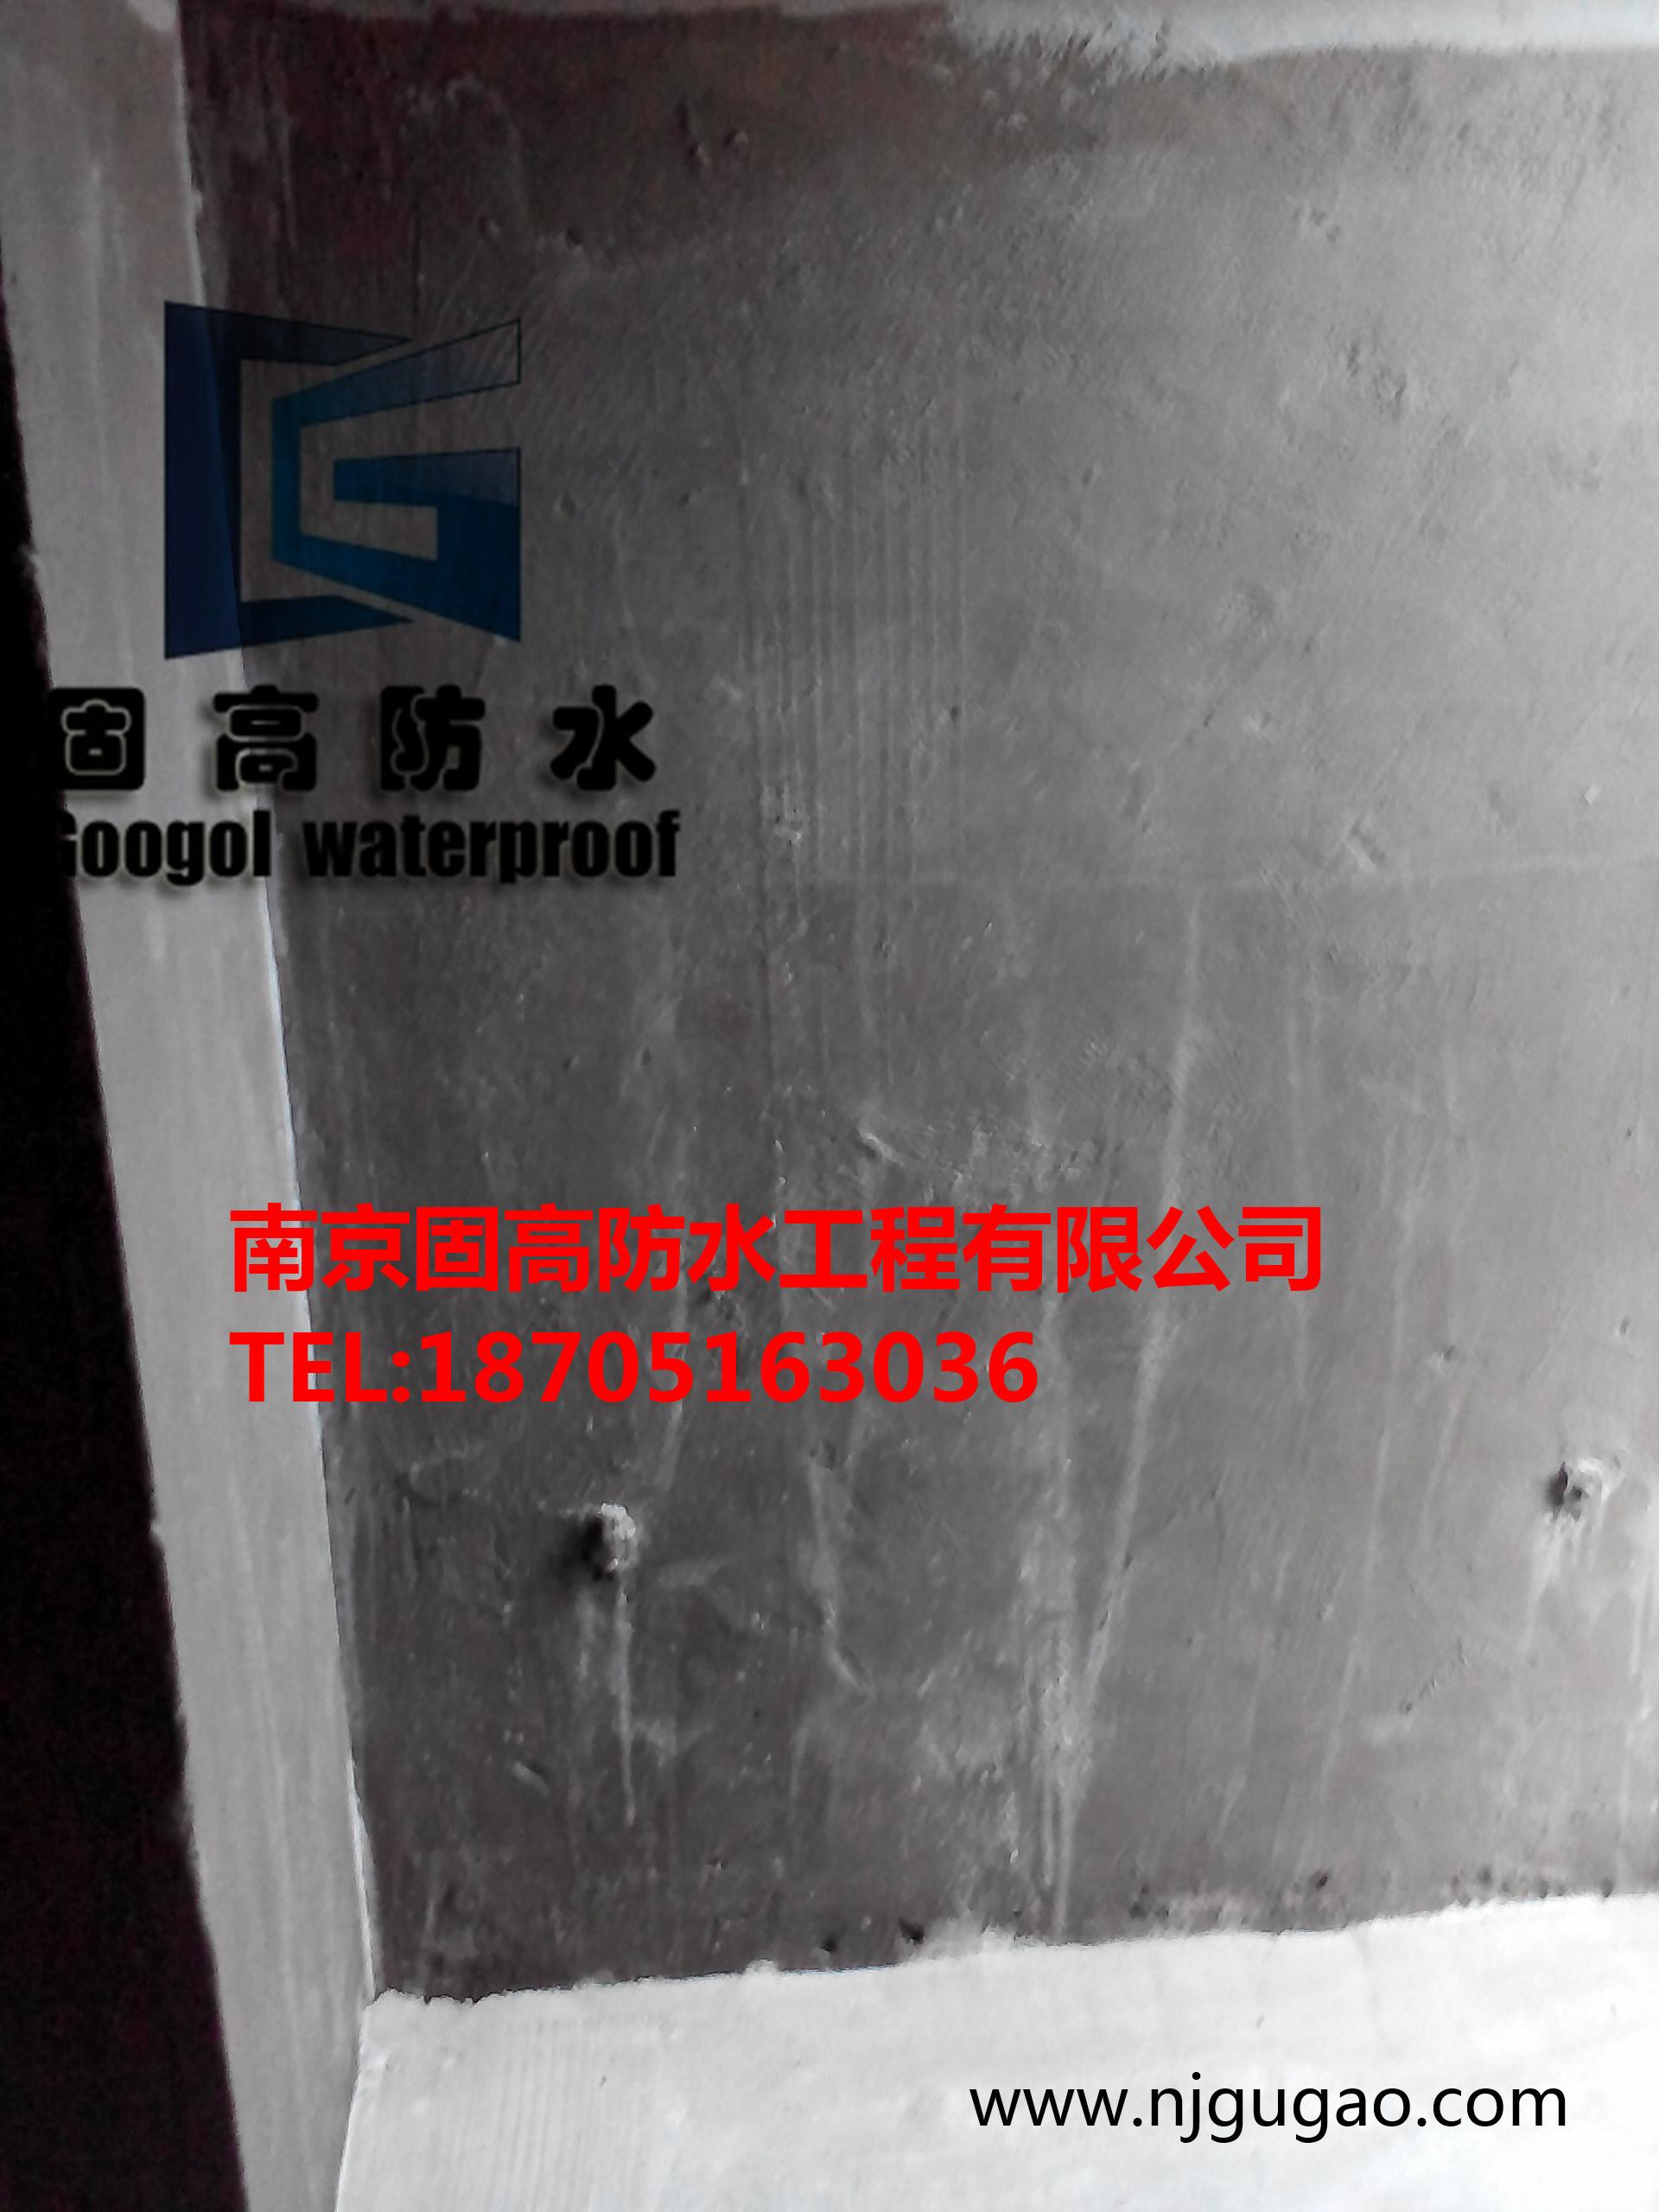 新港开发区办公楼卫生间防水共计370平方-ecdc36682e9ea952a834991f9b983c3a_20150512221948634863